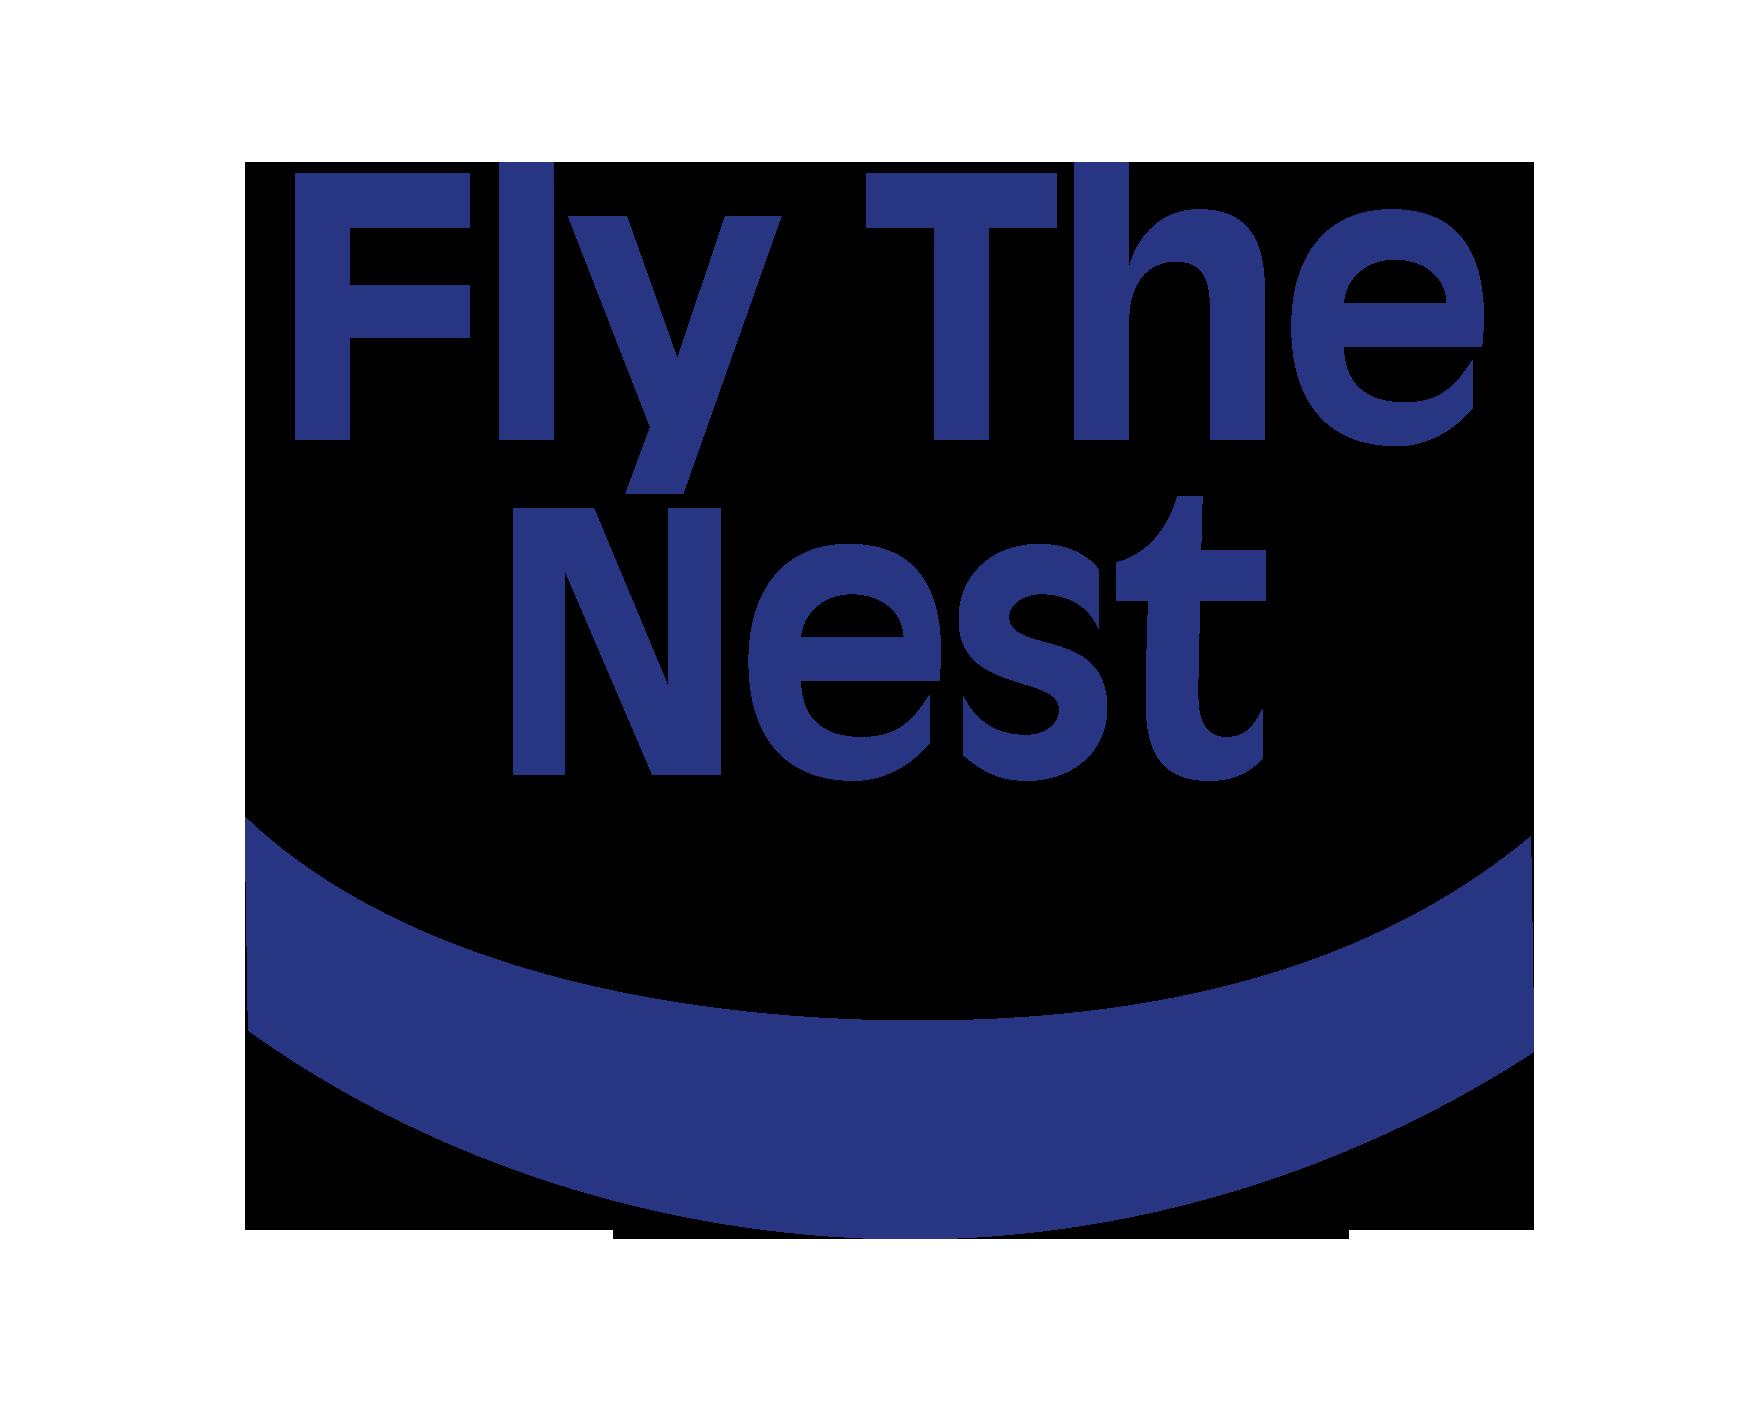 """Résultat de recherche d'images pour """"Fly the nest logo"""""""